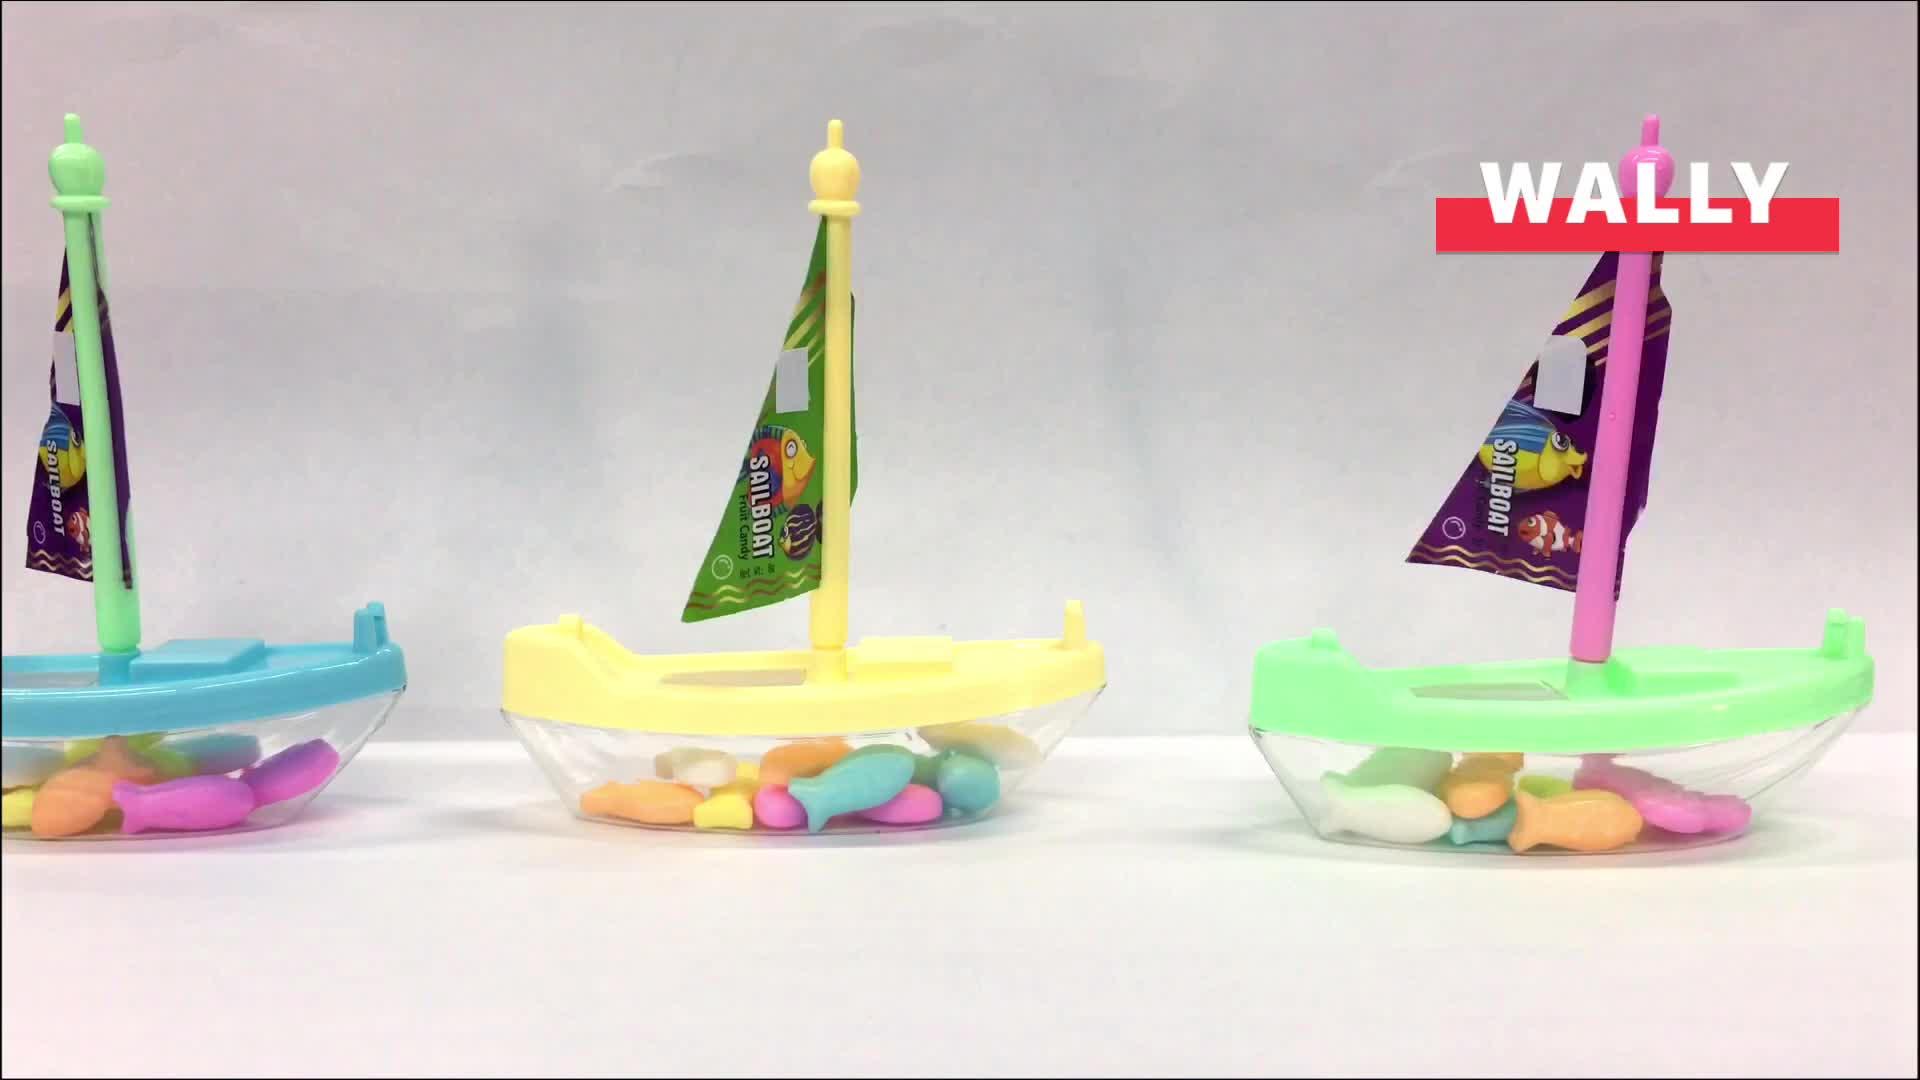 פירות קשה דחוס דגים בצורת ספינה מפרשית סוכריות